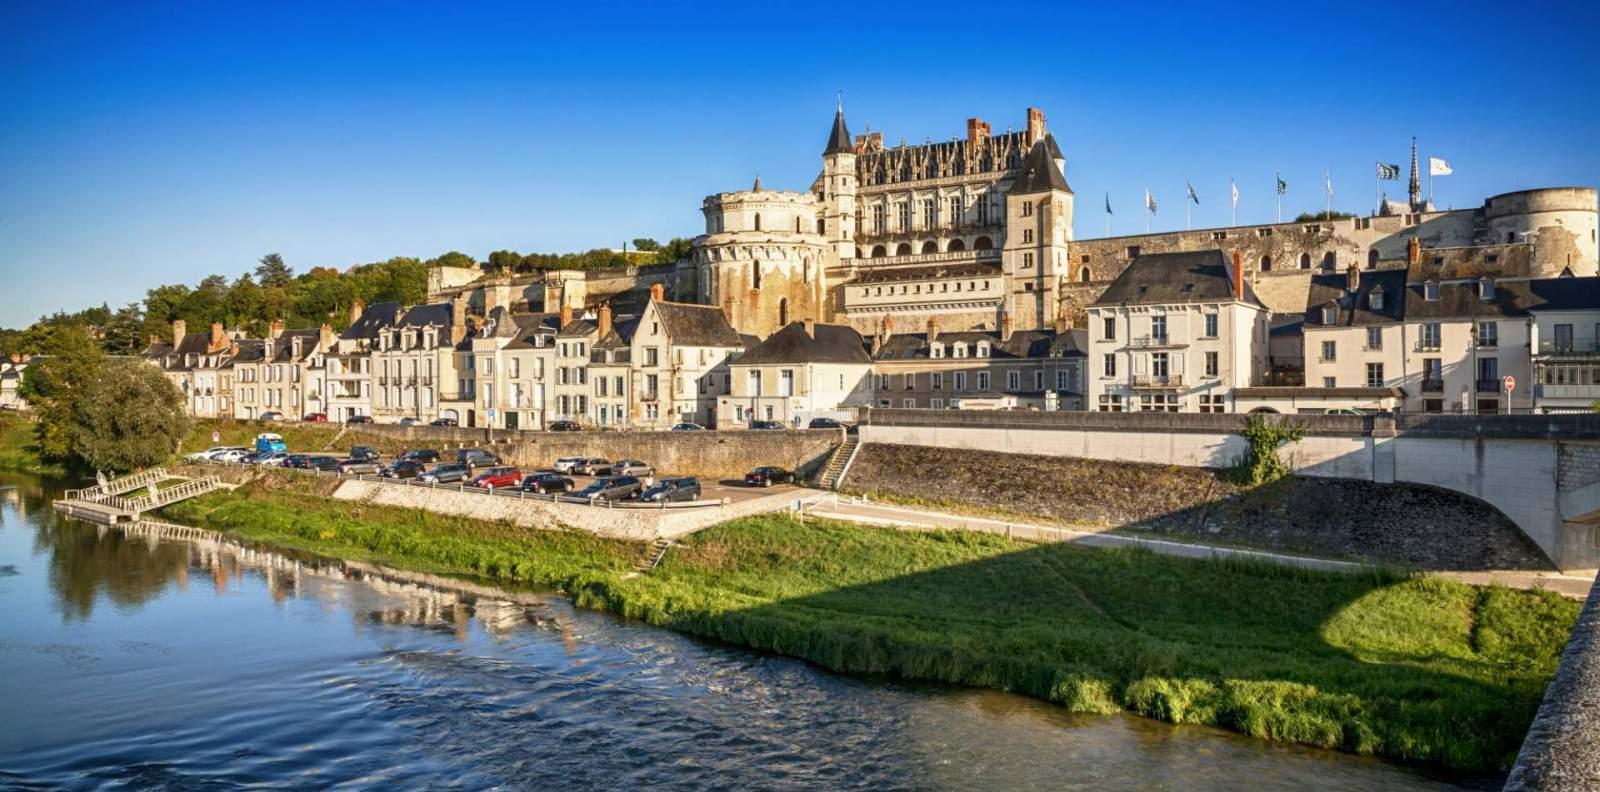 Tòa lâu đài Amboise